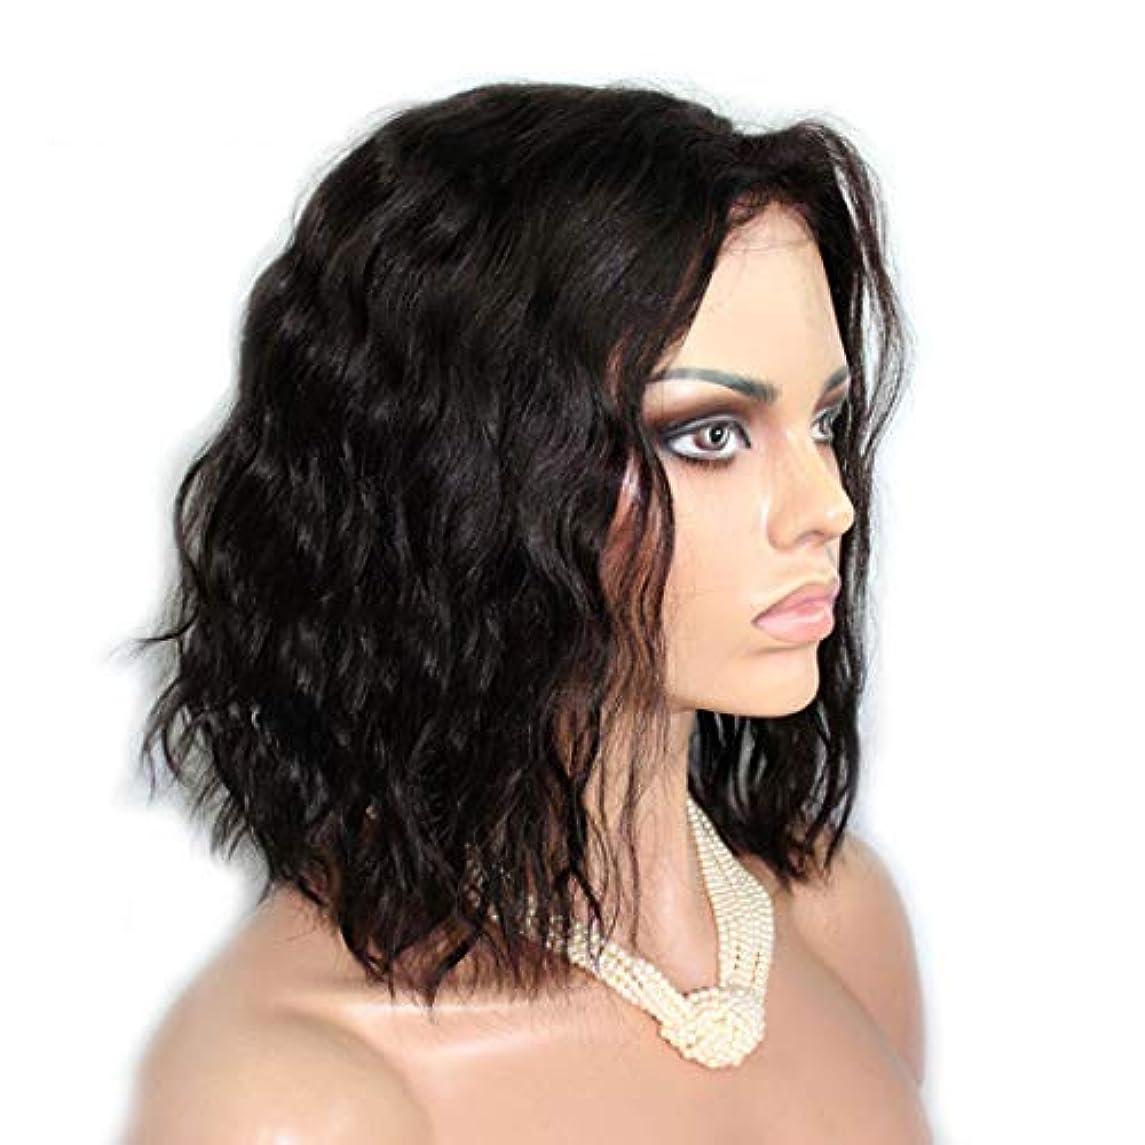 アルバムなめらかな小説家YOUQIU ヨーロッパとアメリカの女性のフロントレースの化学繊維の短い巻き毛のかつらメーカーは卸売ウィッグを見つけかつらイーベイ新製品爆発 (色 : 写真の通り)